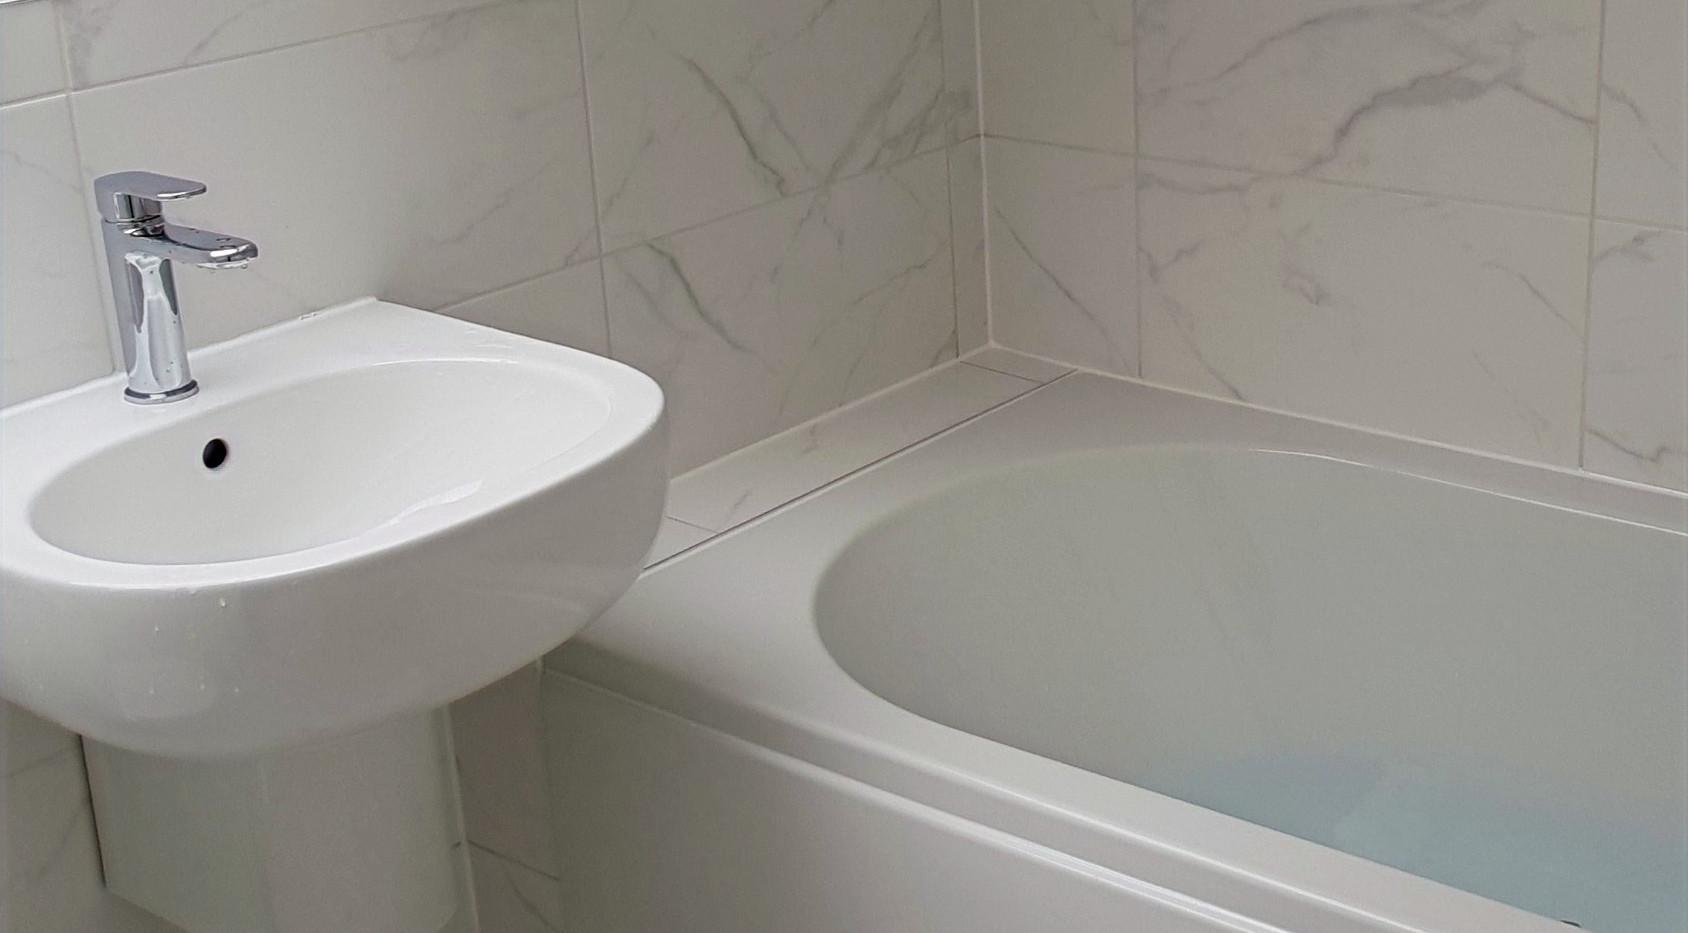 Bathroom tiling flooring bath sink